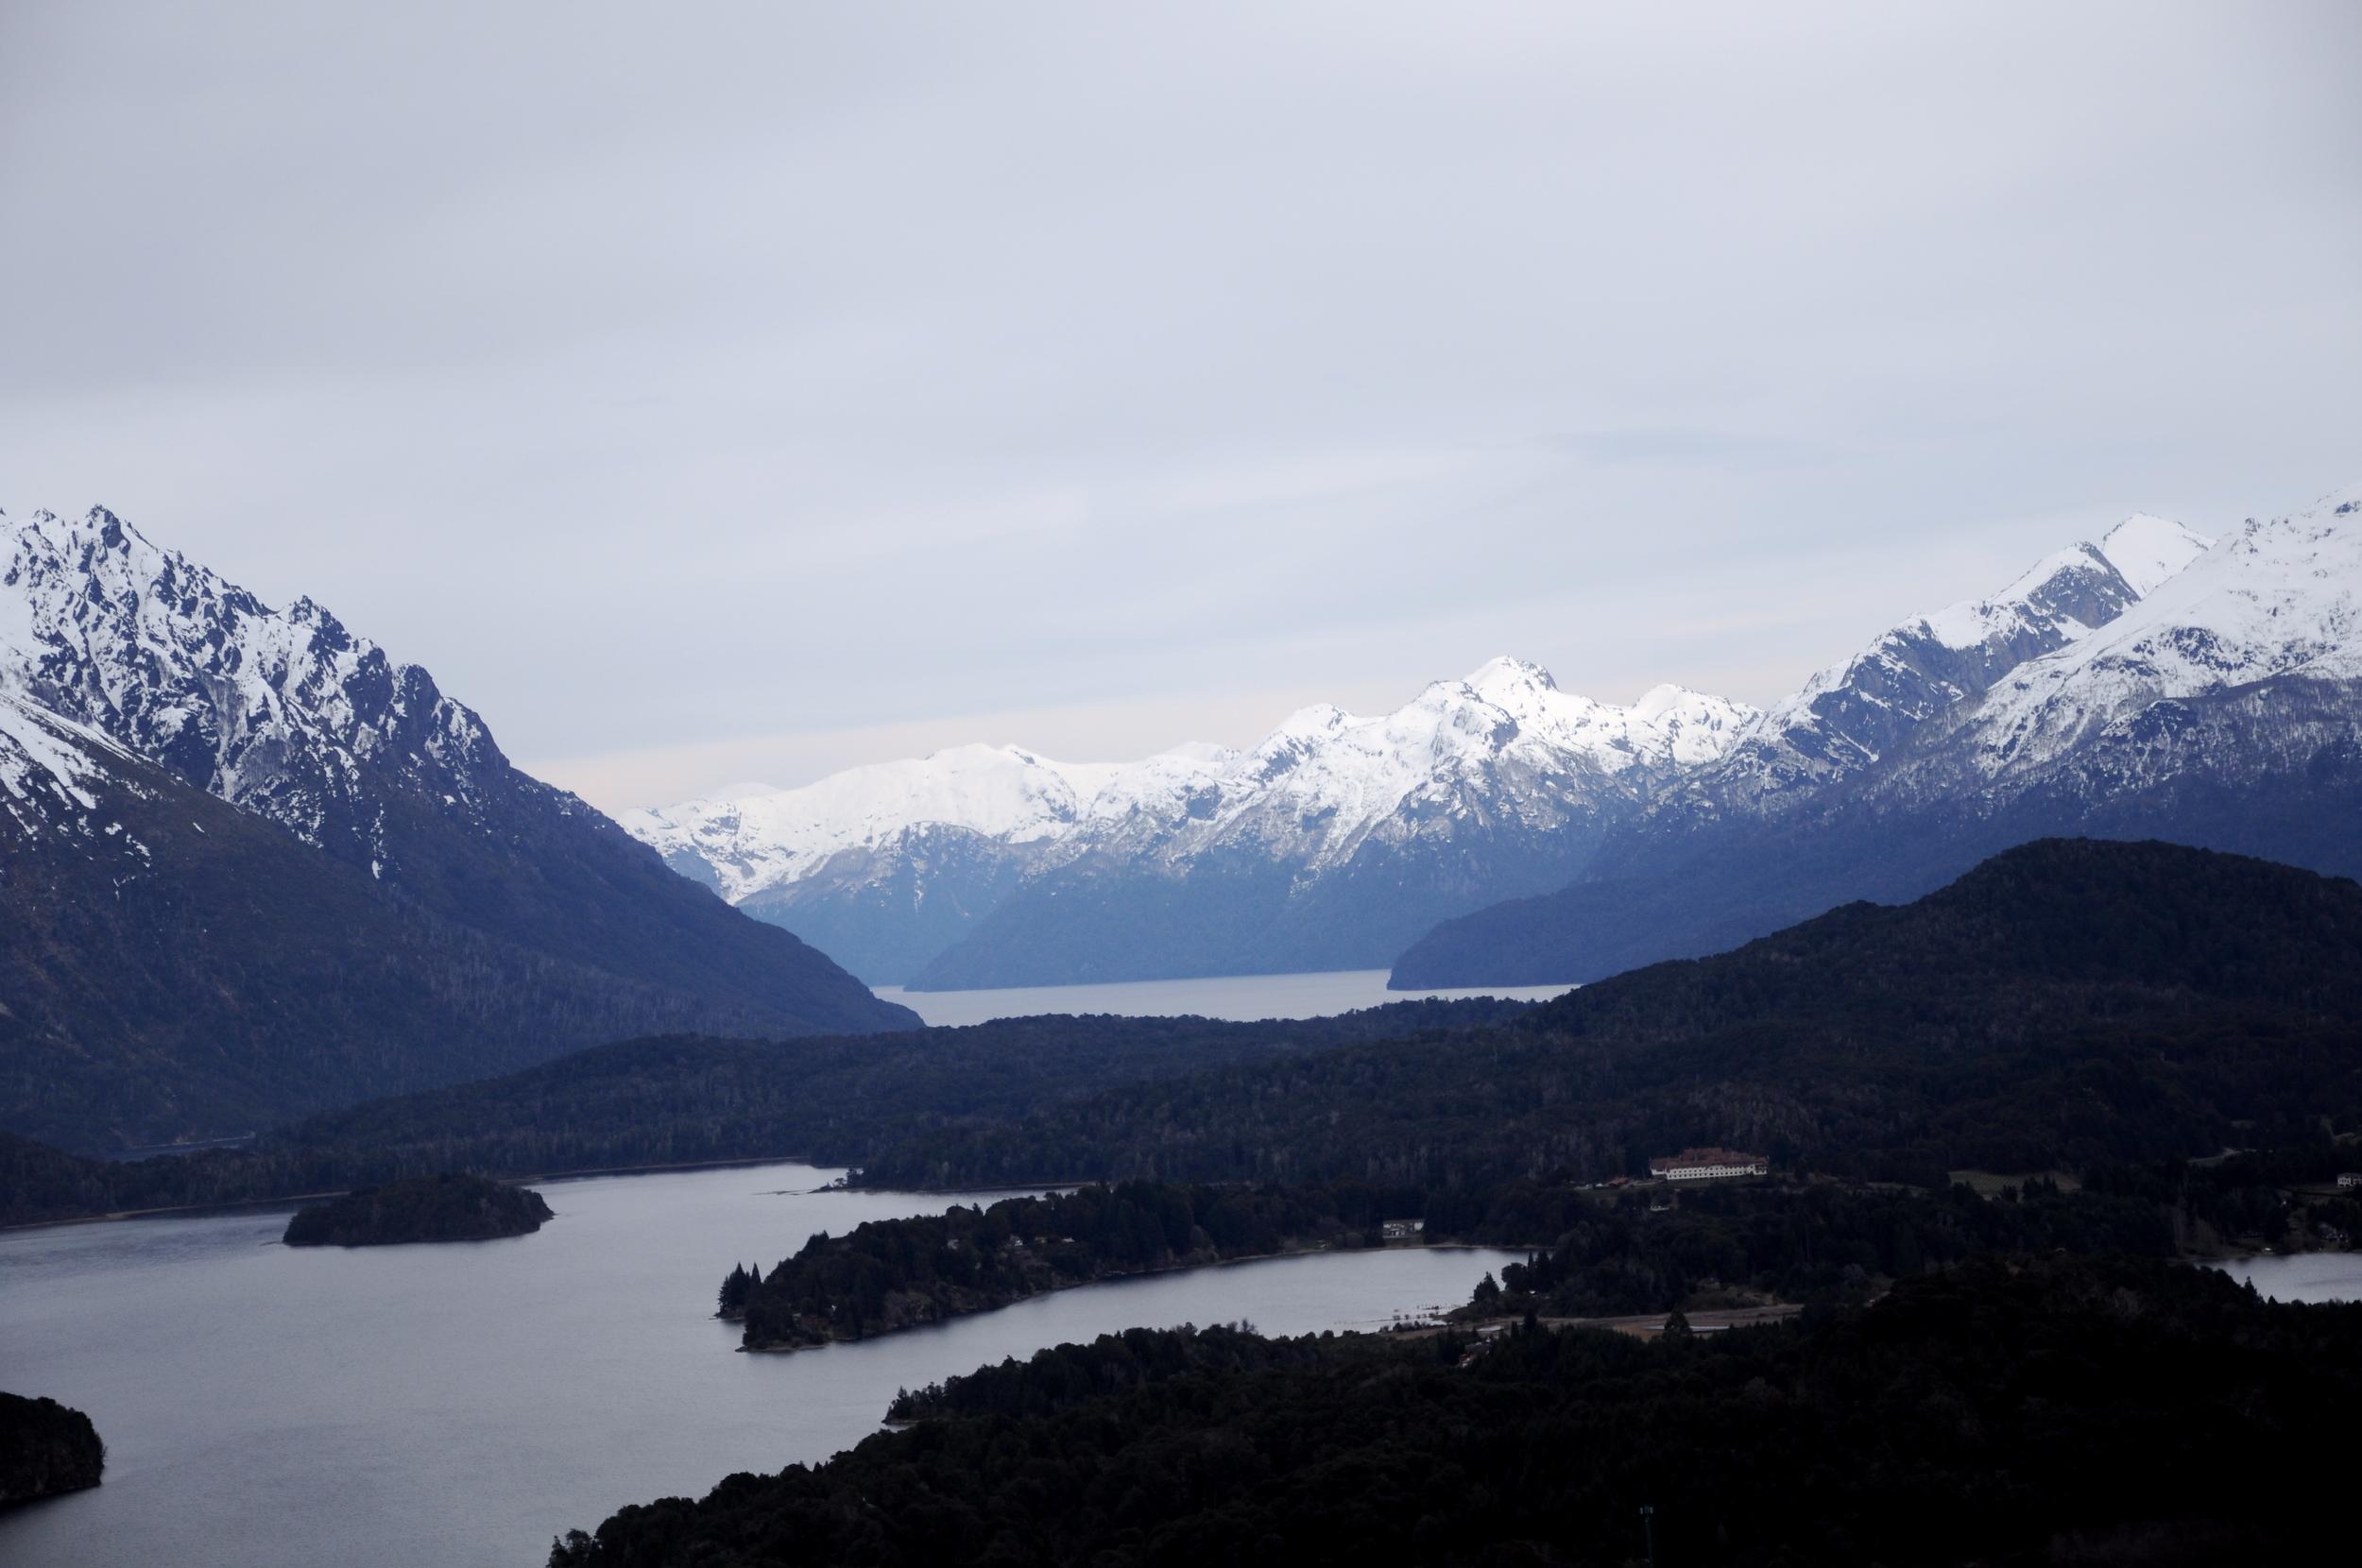 Bariloche, Patagonia Argentina